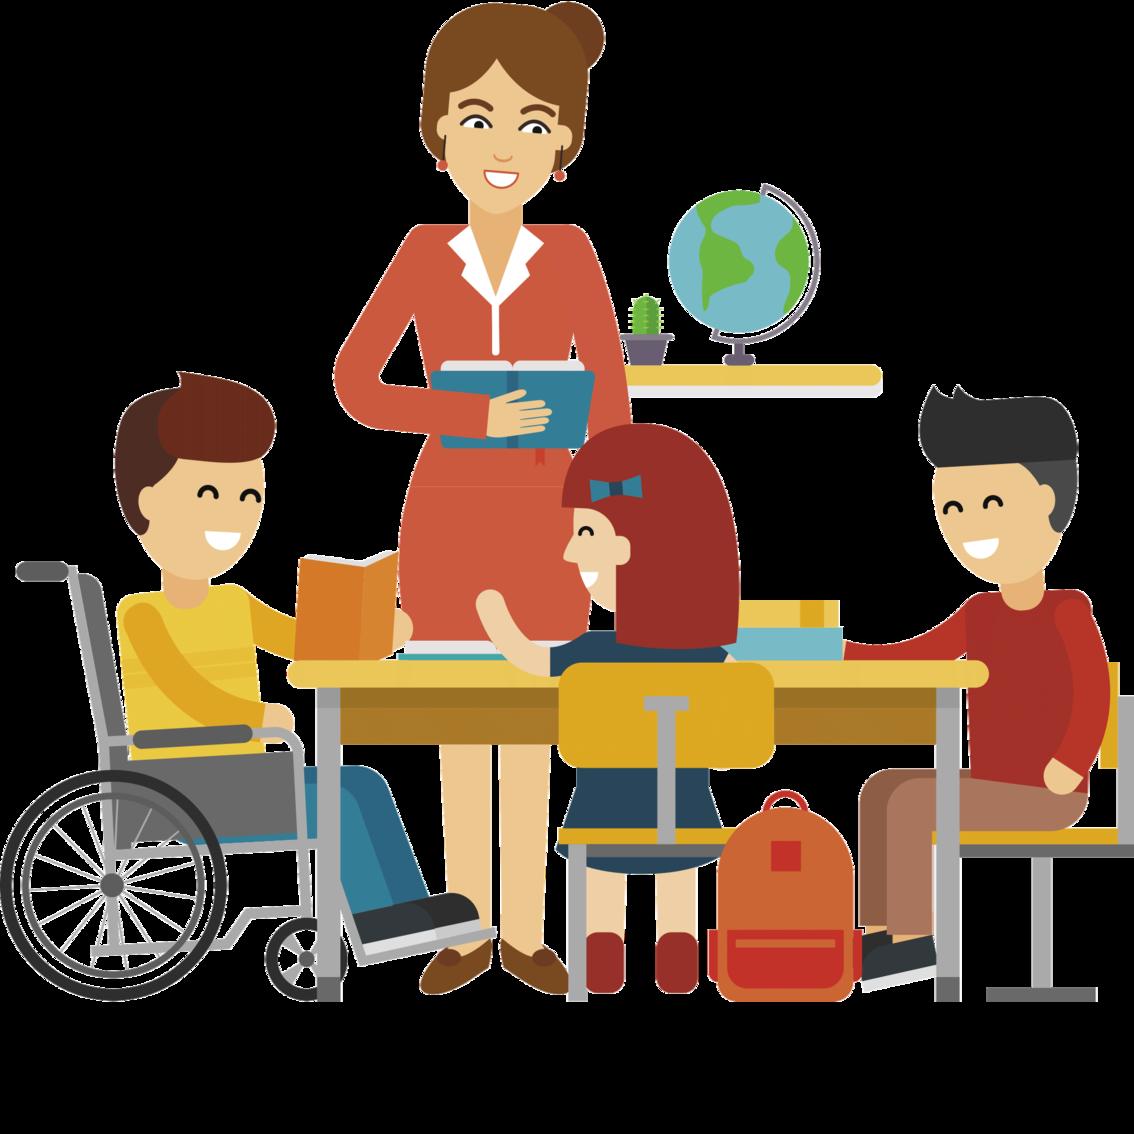 Психолого-педагогические аспекты обучения (наименование дисциплины) детей с ОВЗ в условиях ФГОС